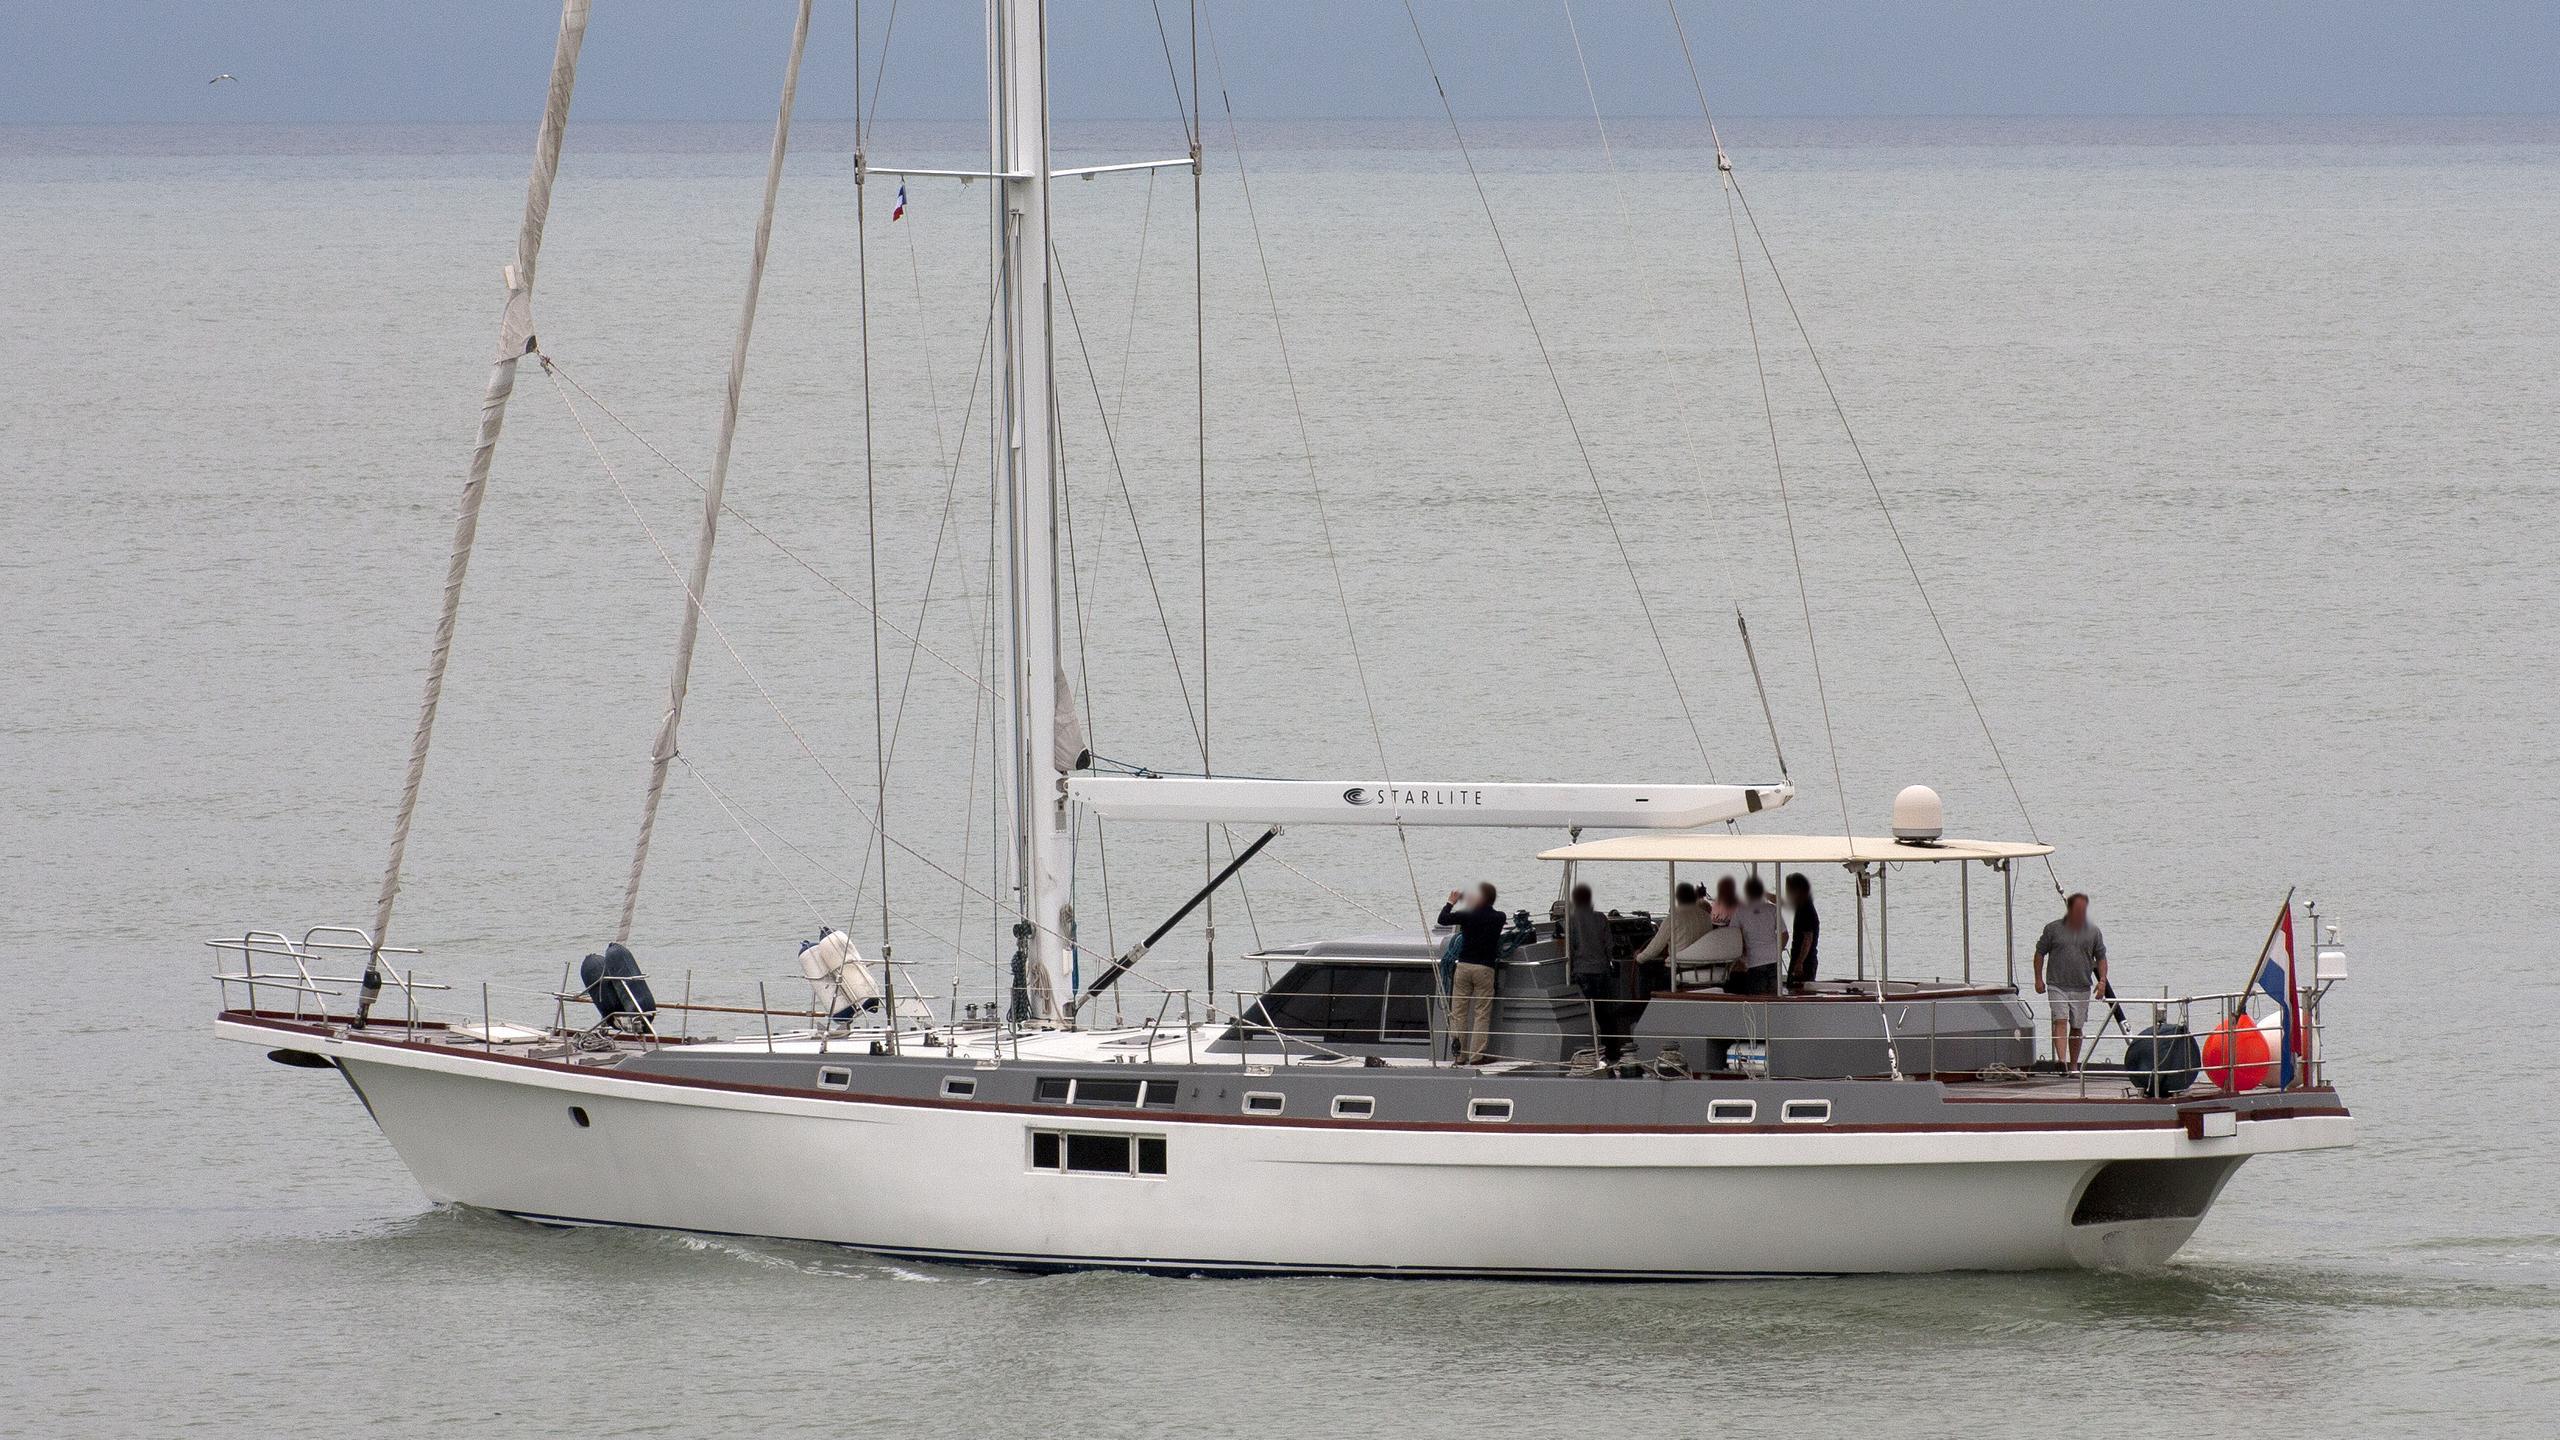 starlite-yacht-exterior